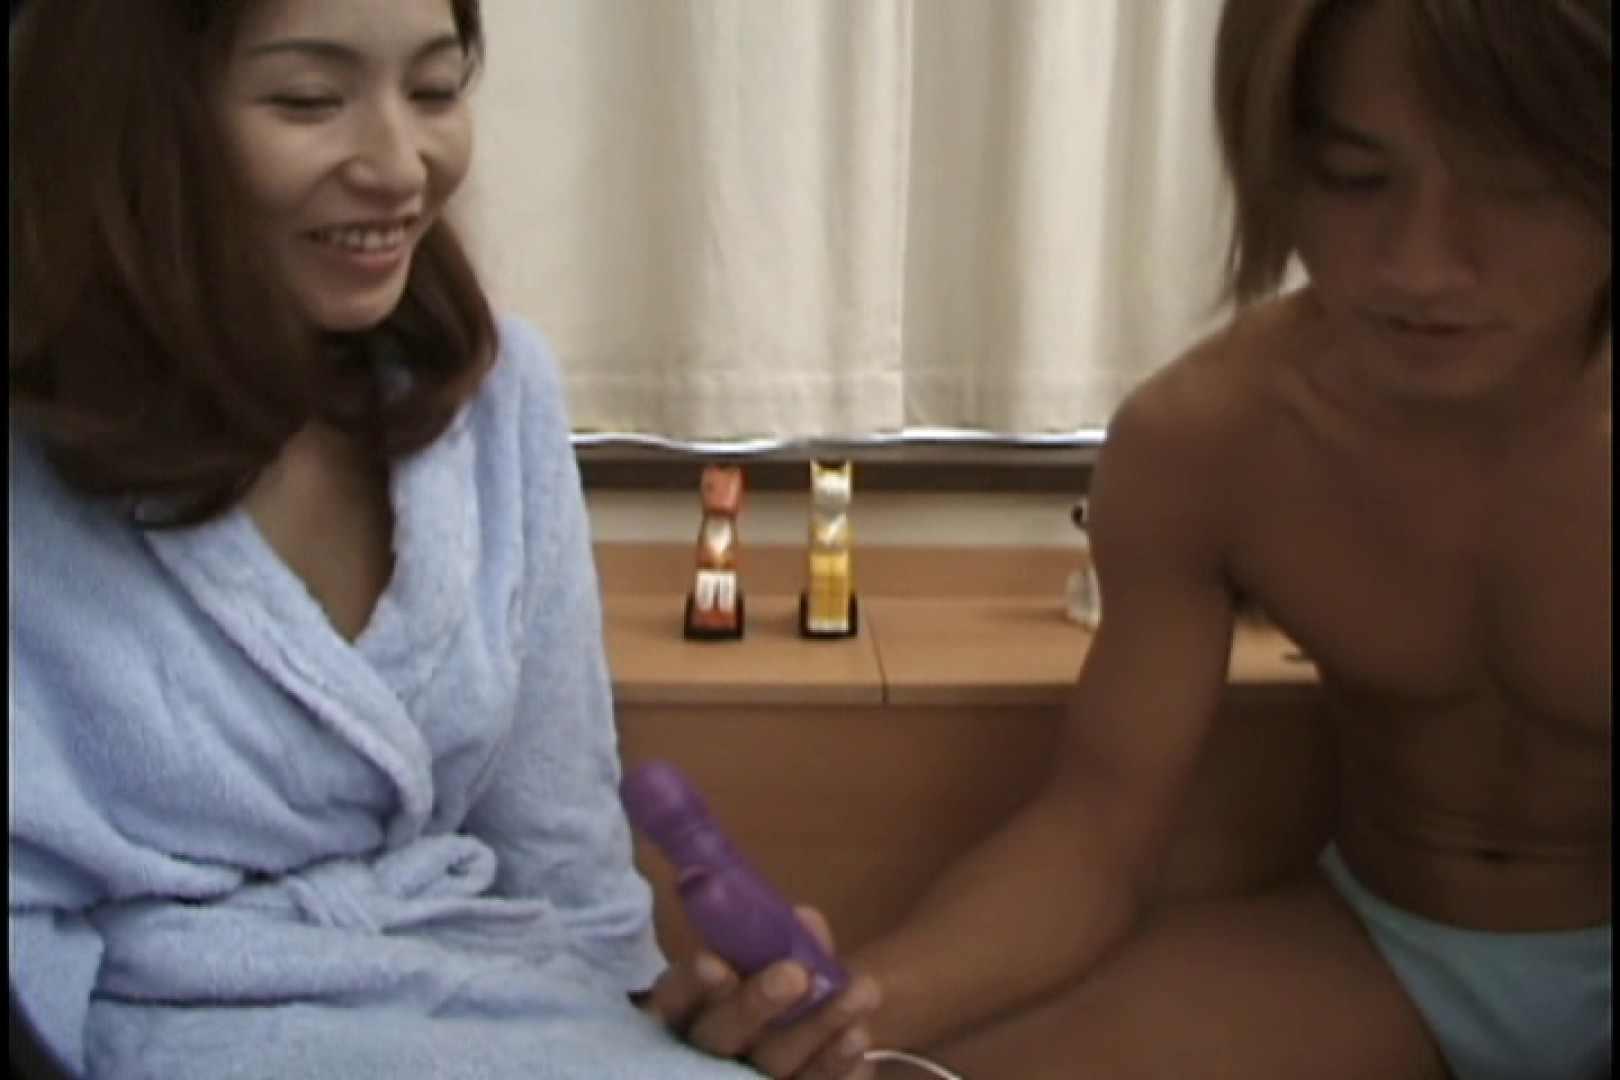 昼間の奥様は欲求不満 ~安田弘美~ 人妻 濡れ場動画紹介 73連発 38